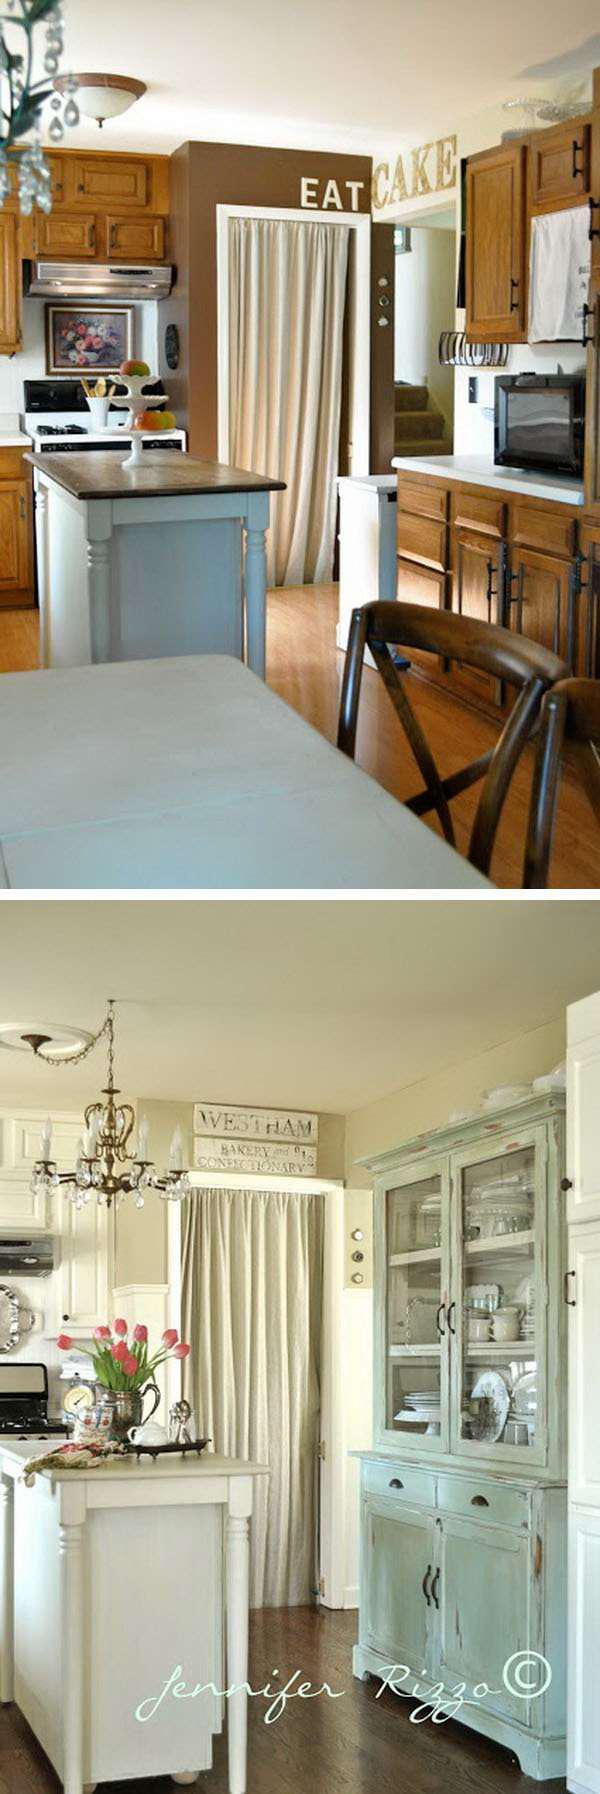 image13-27 | 25 идей переделки старой кухонной мебели